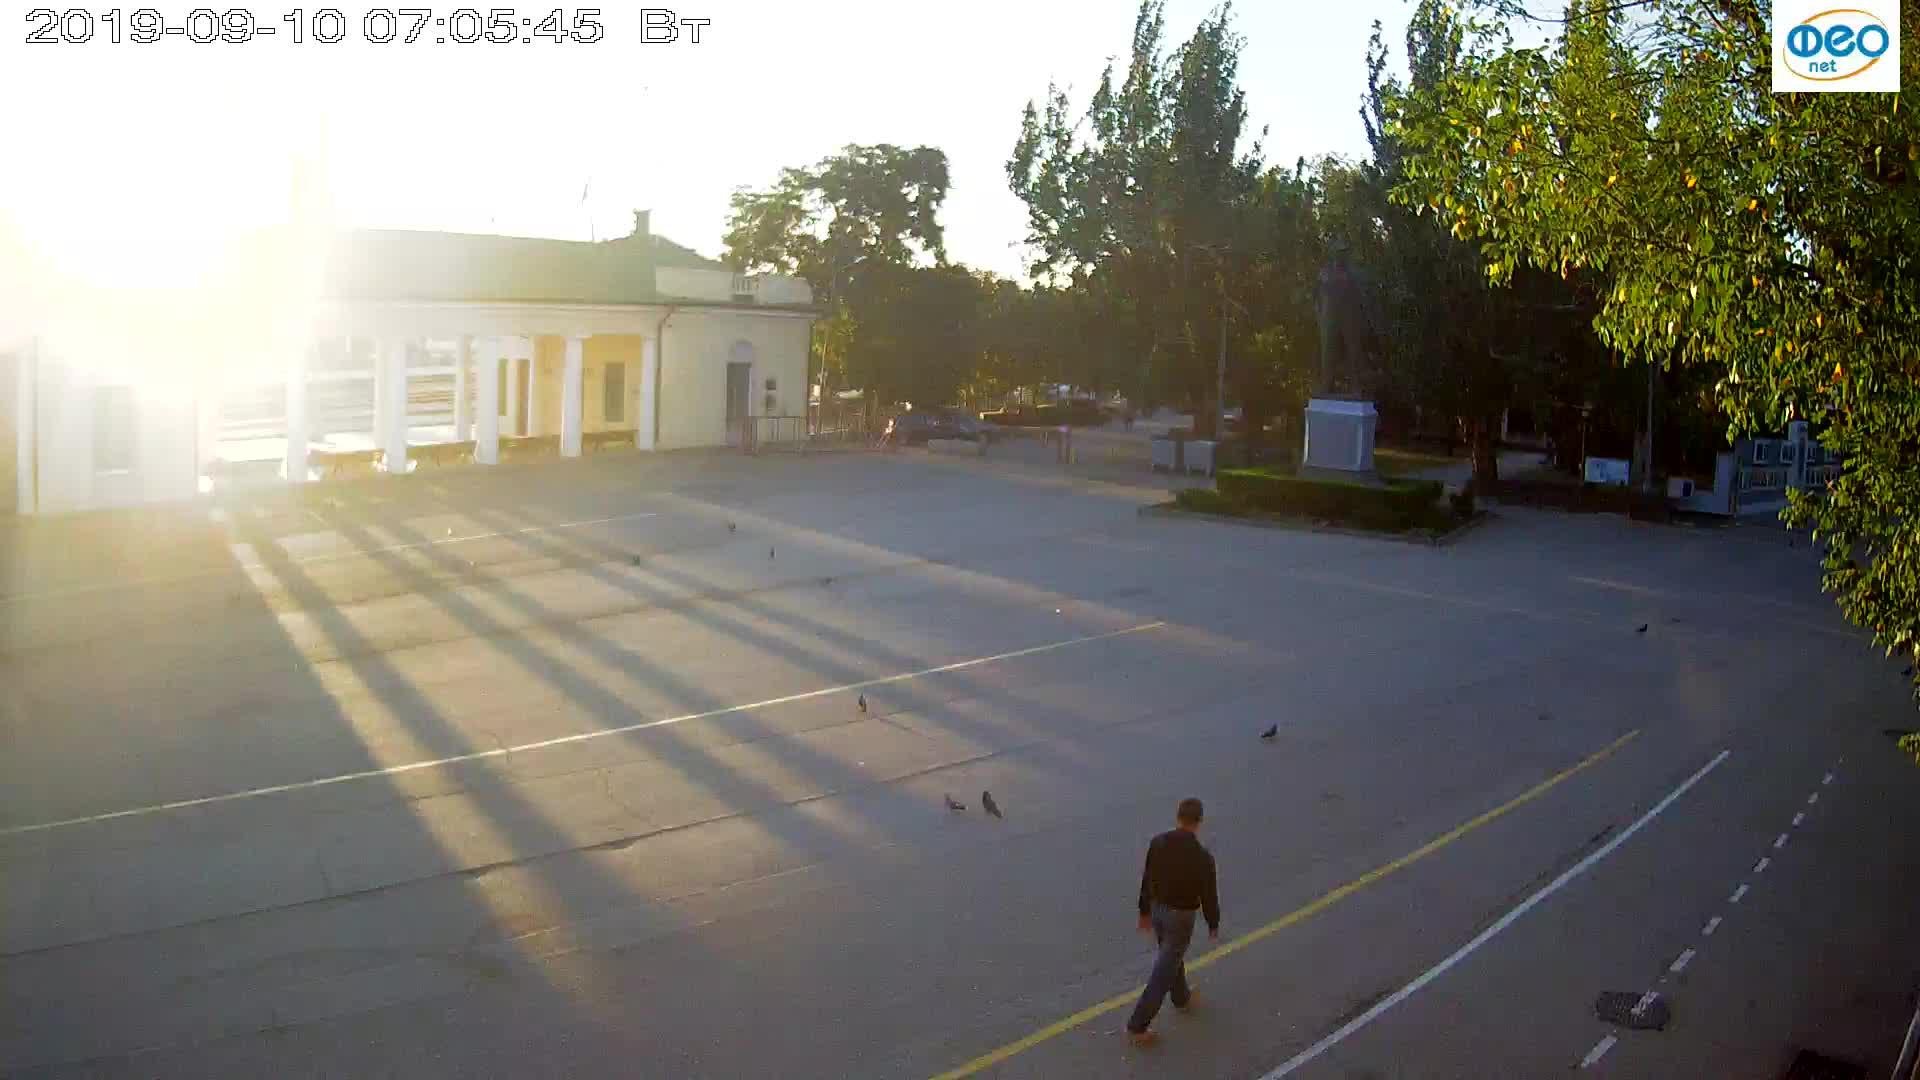 Веб-камеры Феодосии, Привокзальная площадь 2, 2019-09-10 06:53:08